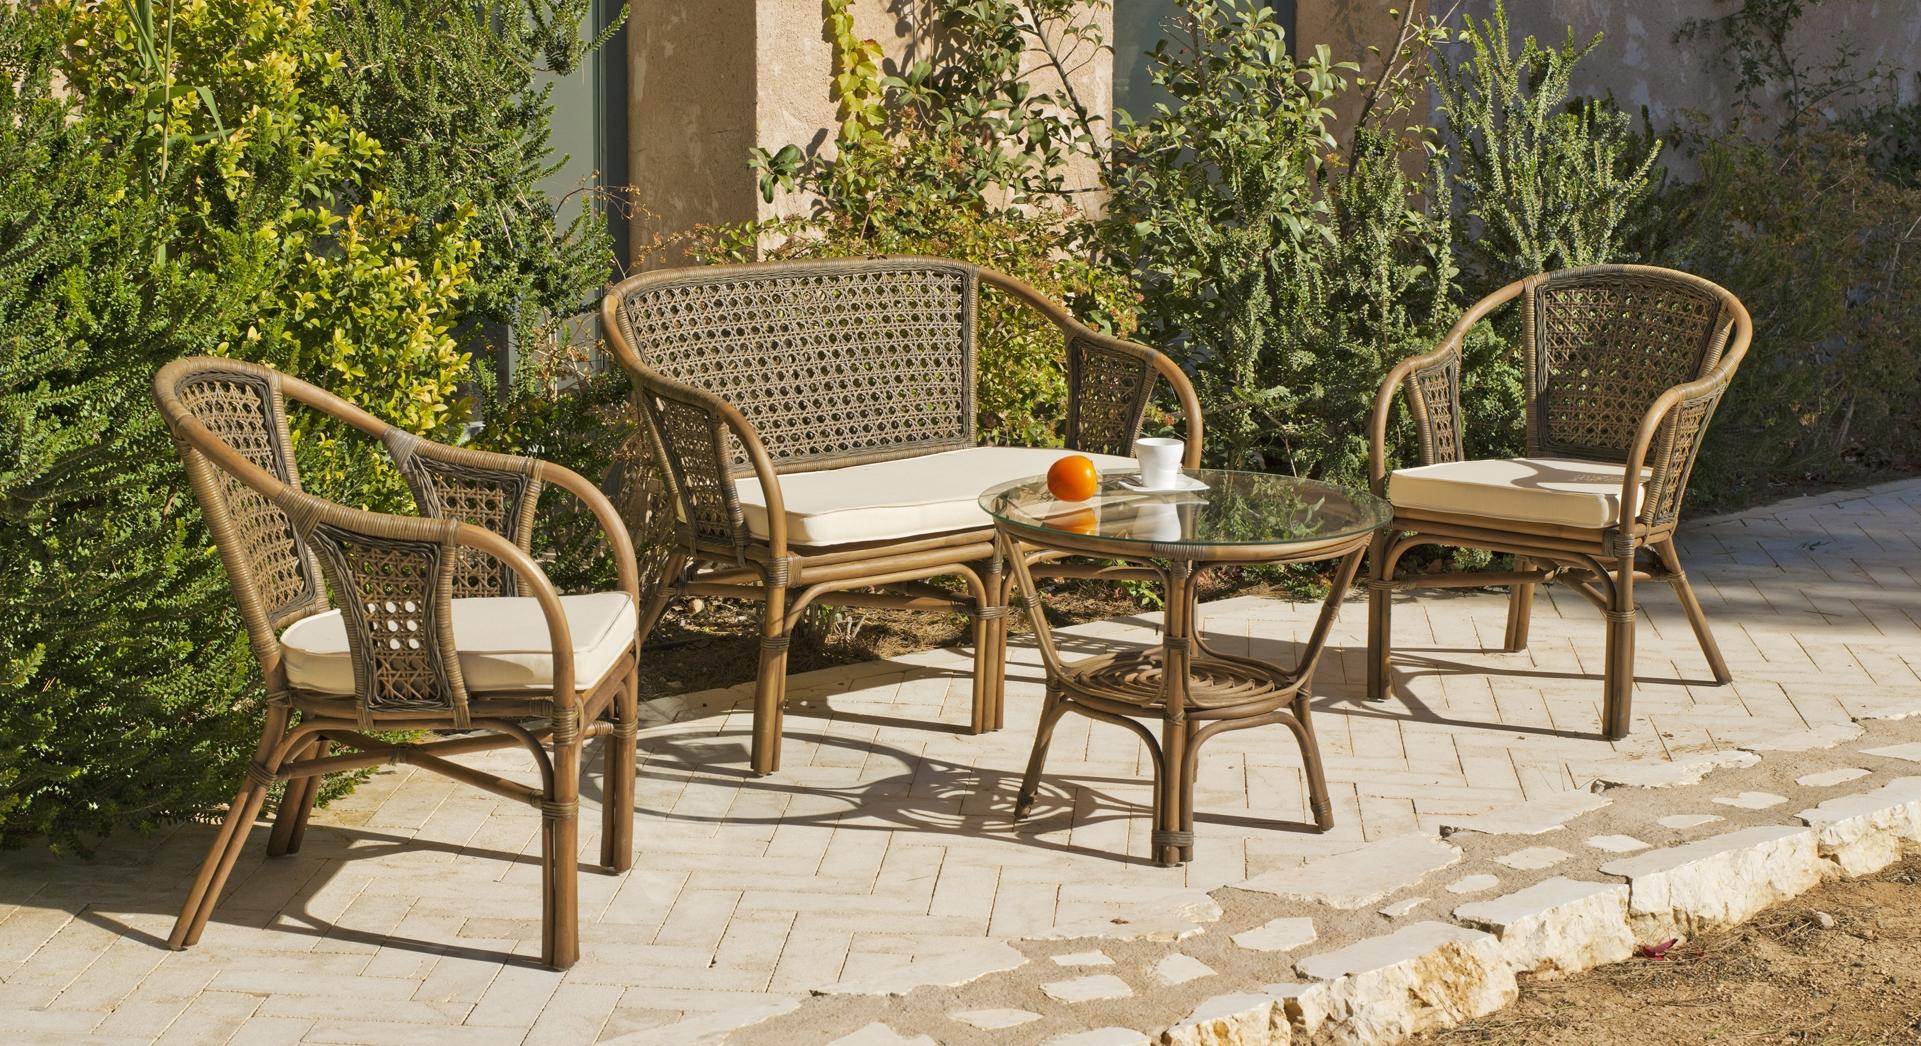 mobiliario jardim lisboa:Mobiliário de Jardim – Camilo & Reis  #9F932C 1921x1046